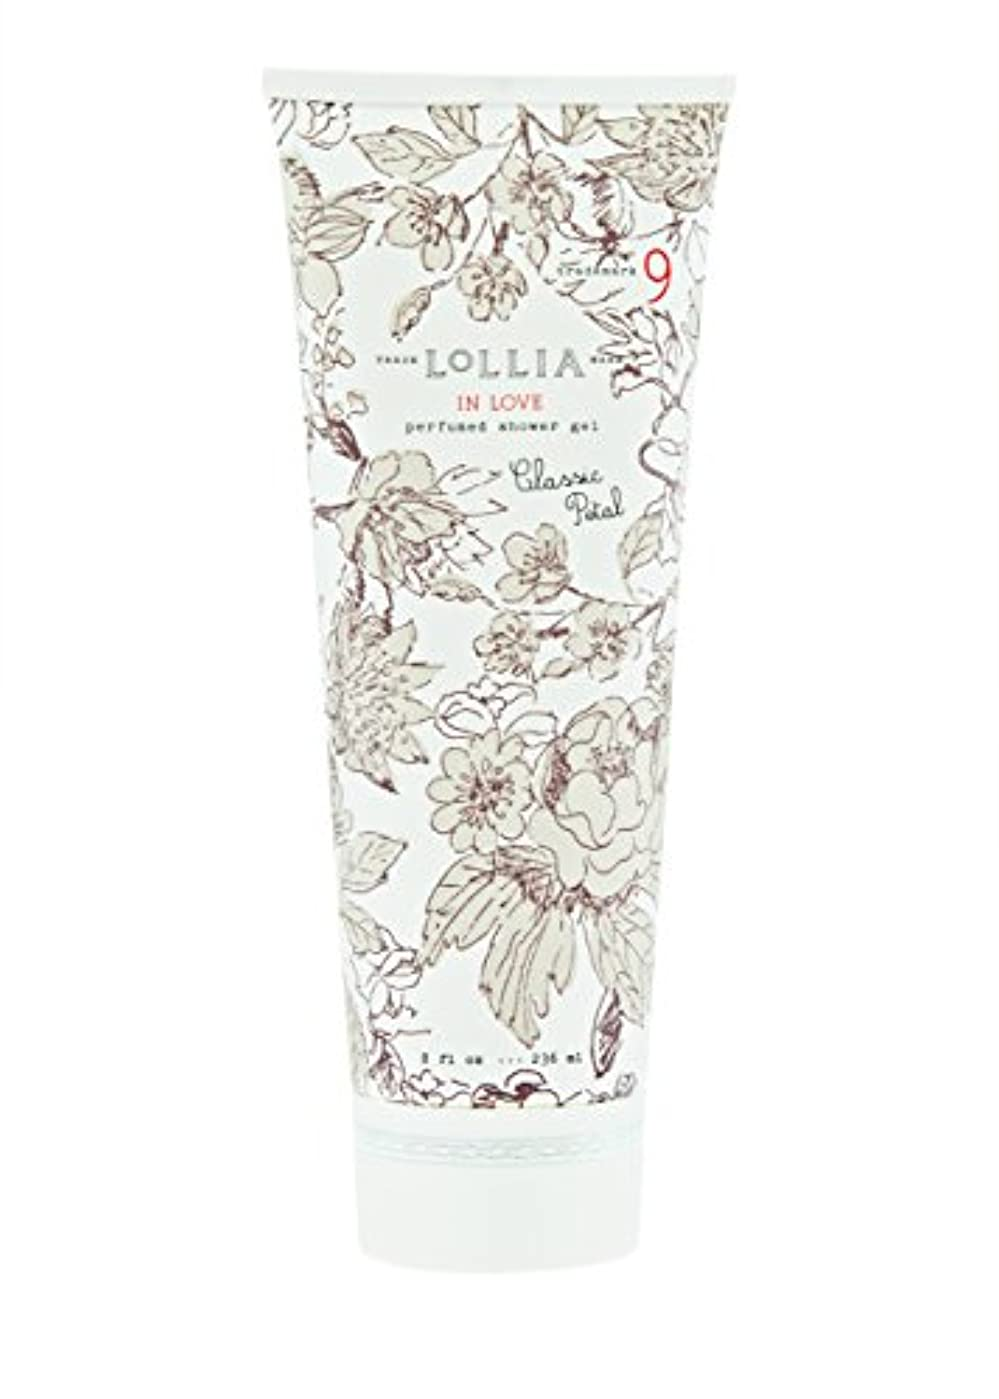 ロリア(LoLLIA) パフュームドシャワージェル InLove 236ml(全身用洗浄料 ボディーソープ アップルブロッサム、ジャスミン、ローズのフルーティで爽やかな香り)